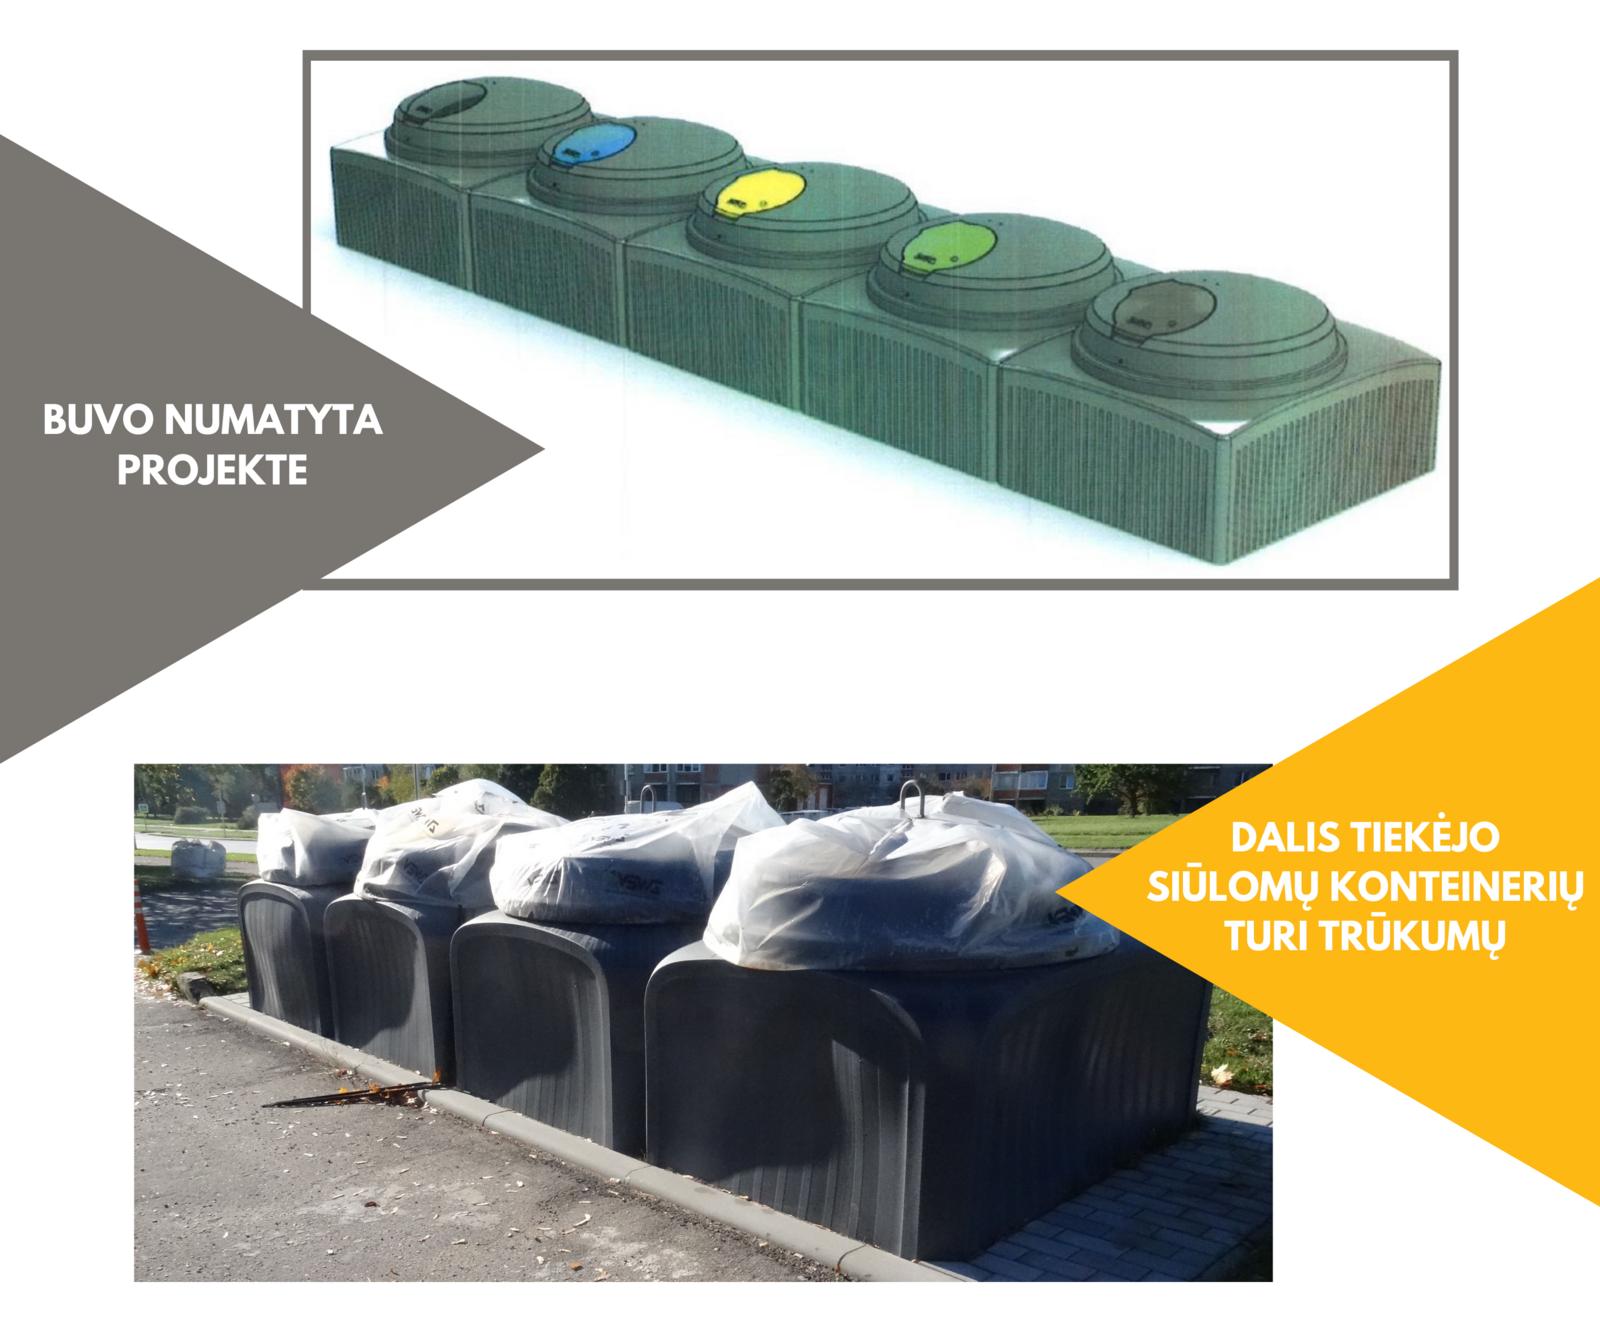 Sprendžiamos problemos dėl pusiau požeminių atliekų konteinerių